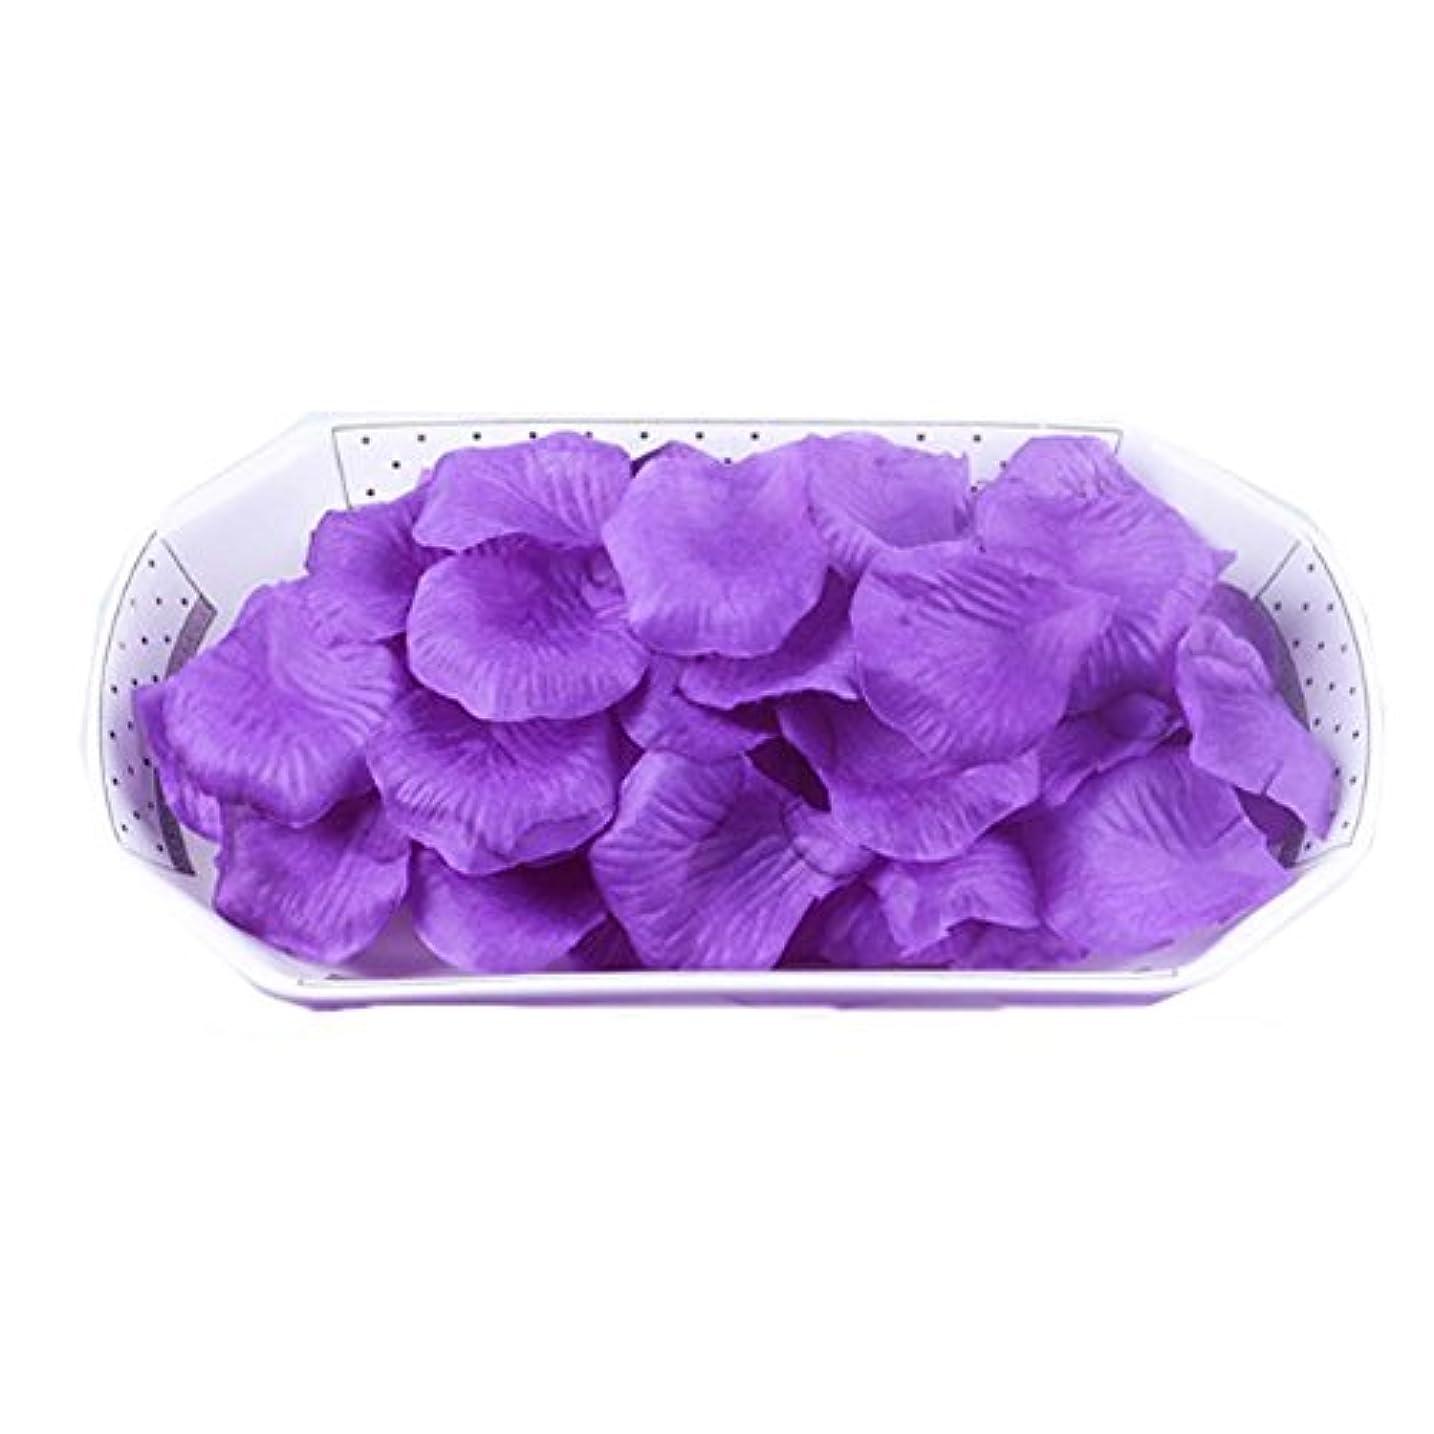 ブッシュ有料醸造所結婚式の装飾のための人工花の花びら紫2000 PC